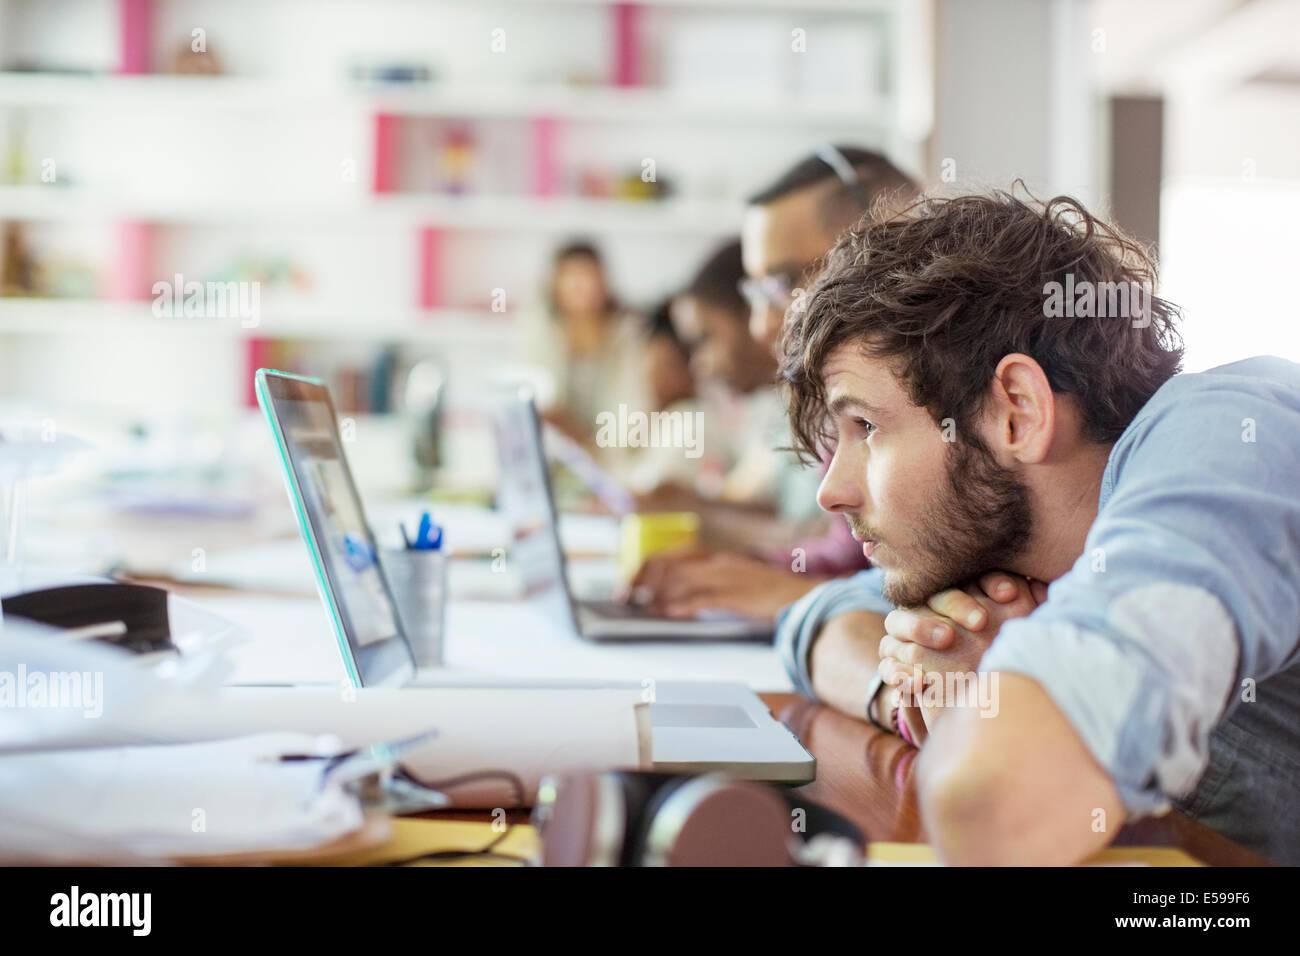 Le persone che lavorano in ufficio Immagini Stock